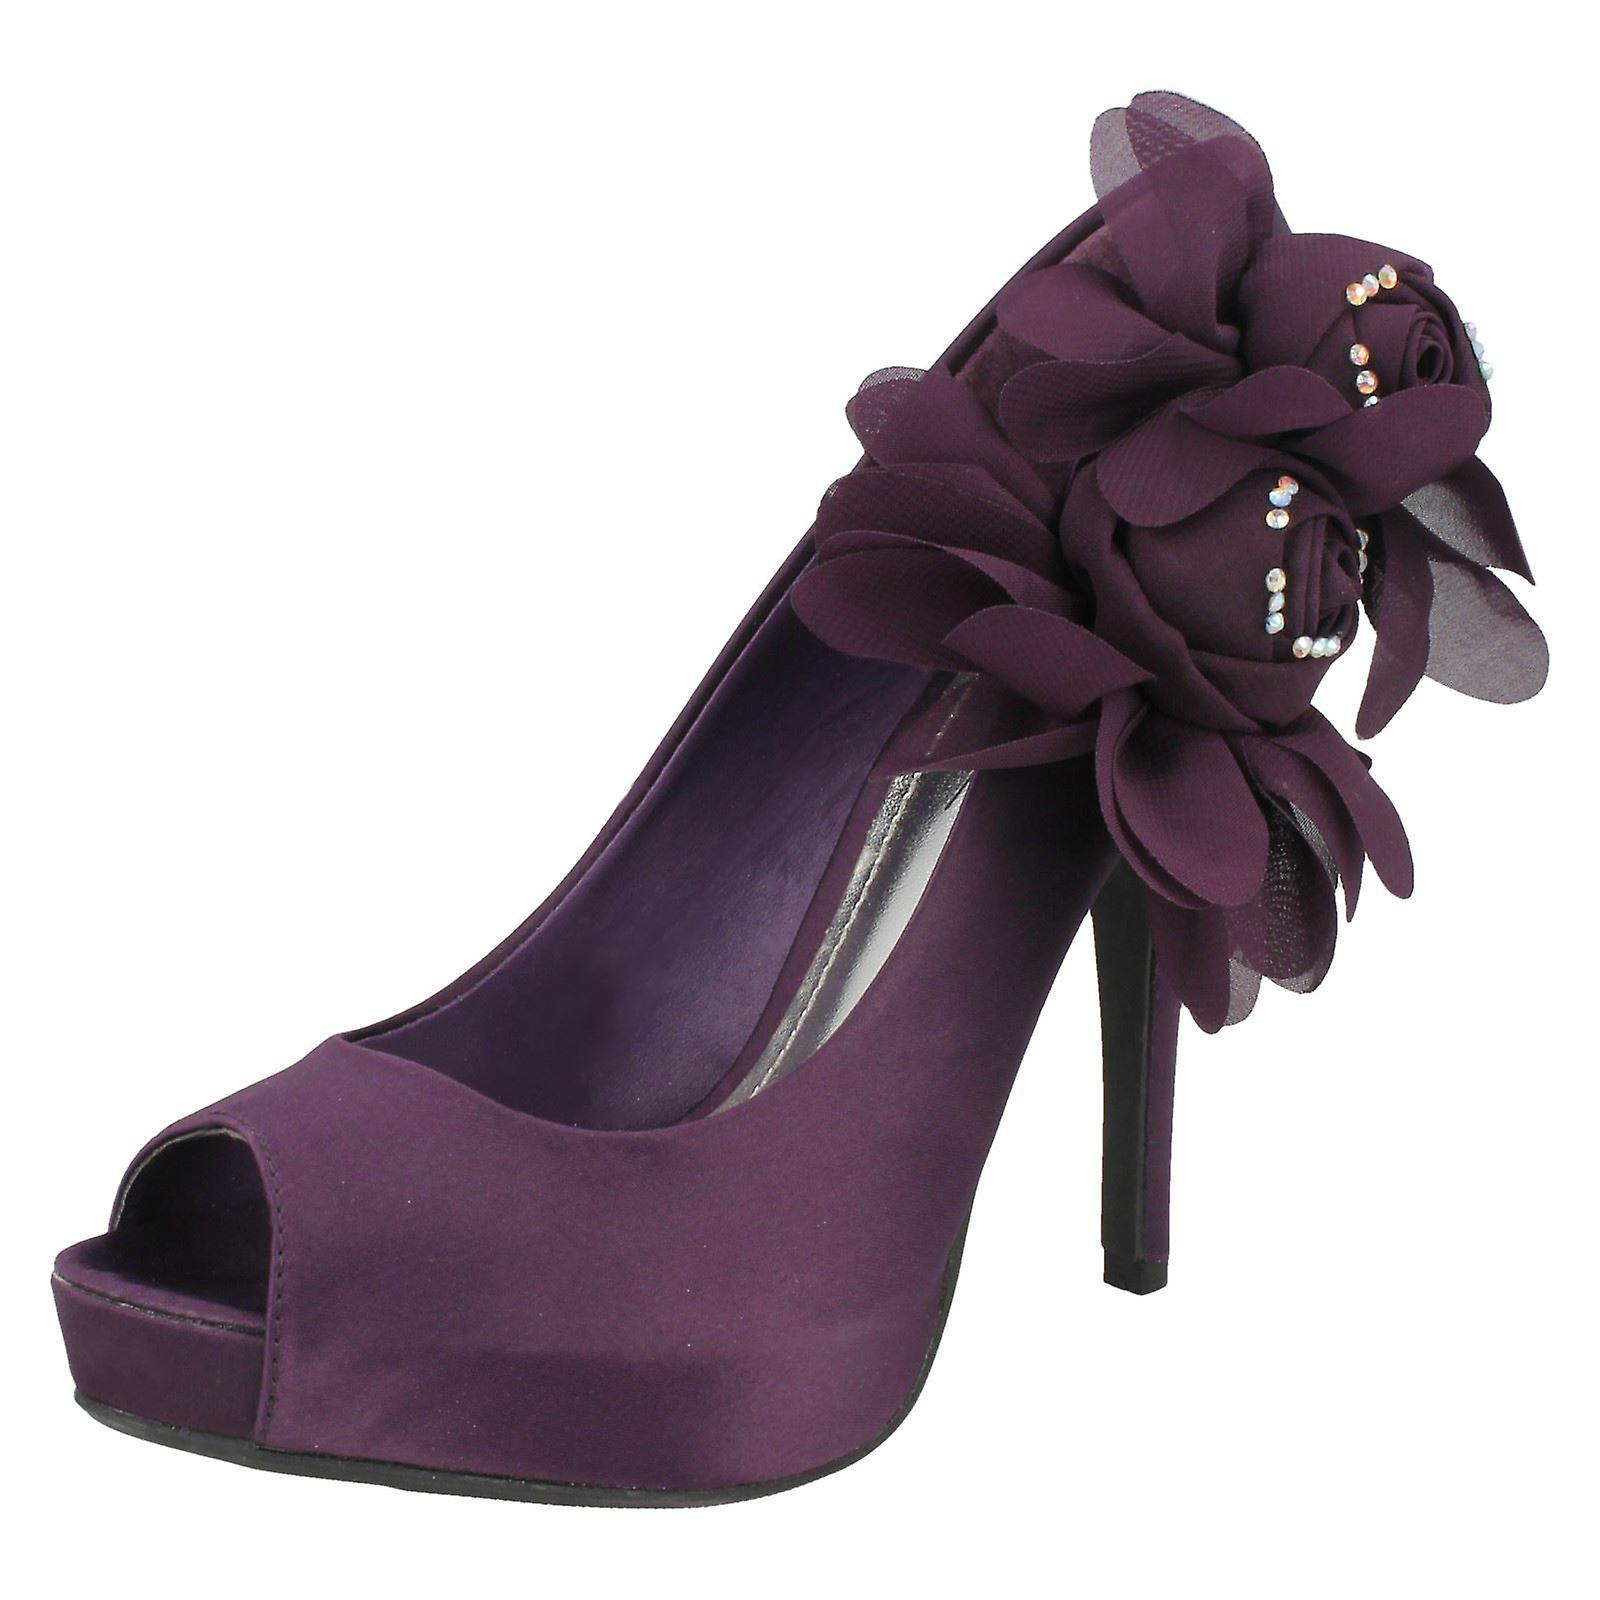 Le signore Anne Michelle occasione elegante scarpe L2229